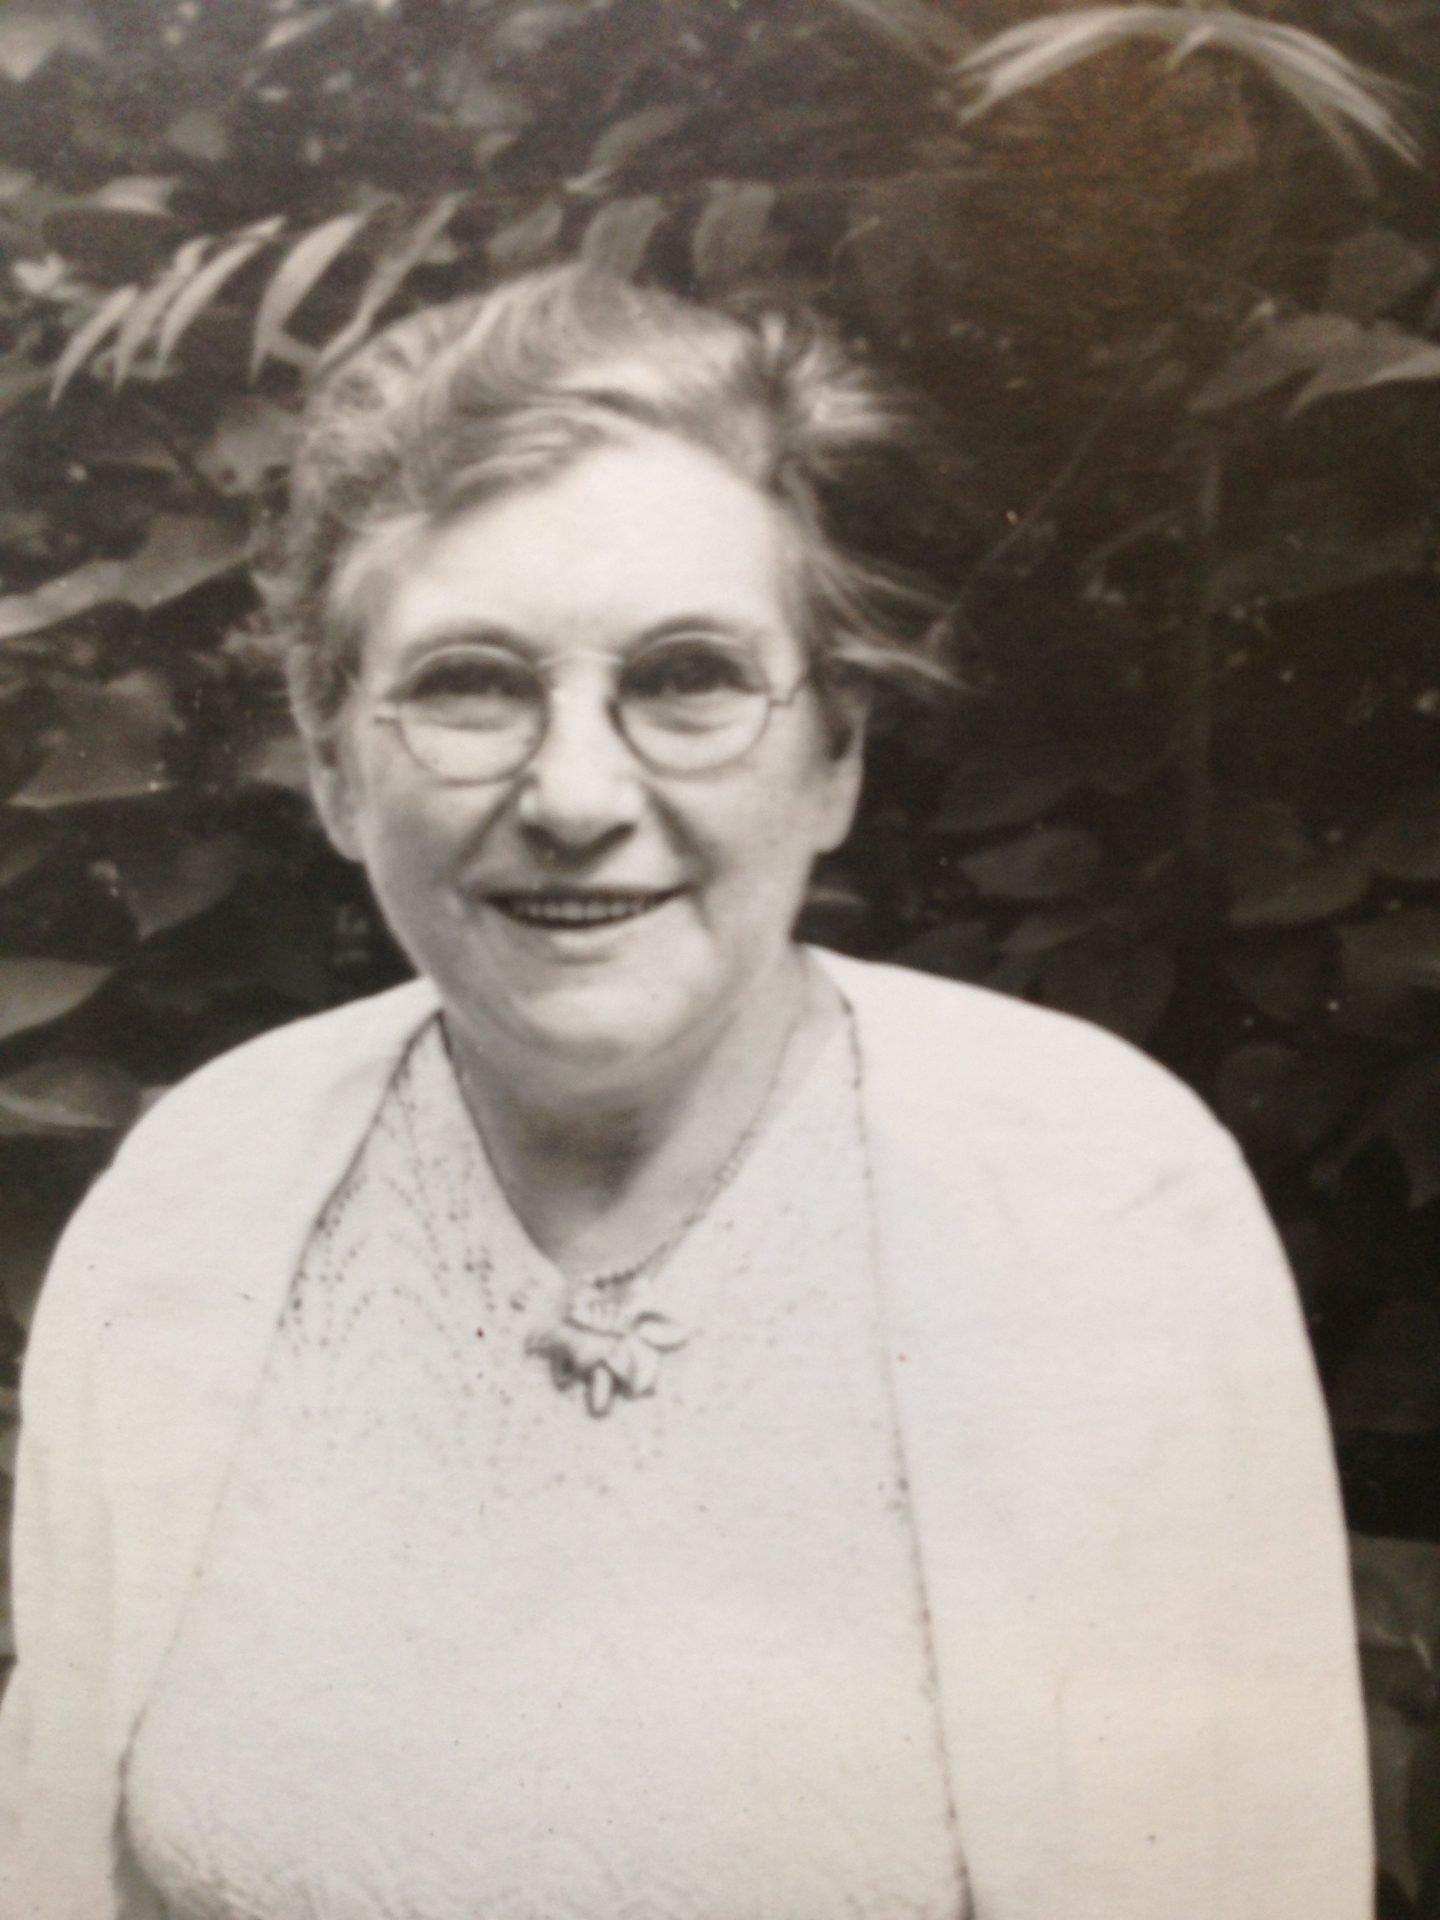 Carrie Grover circa 1950